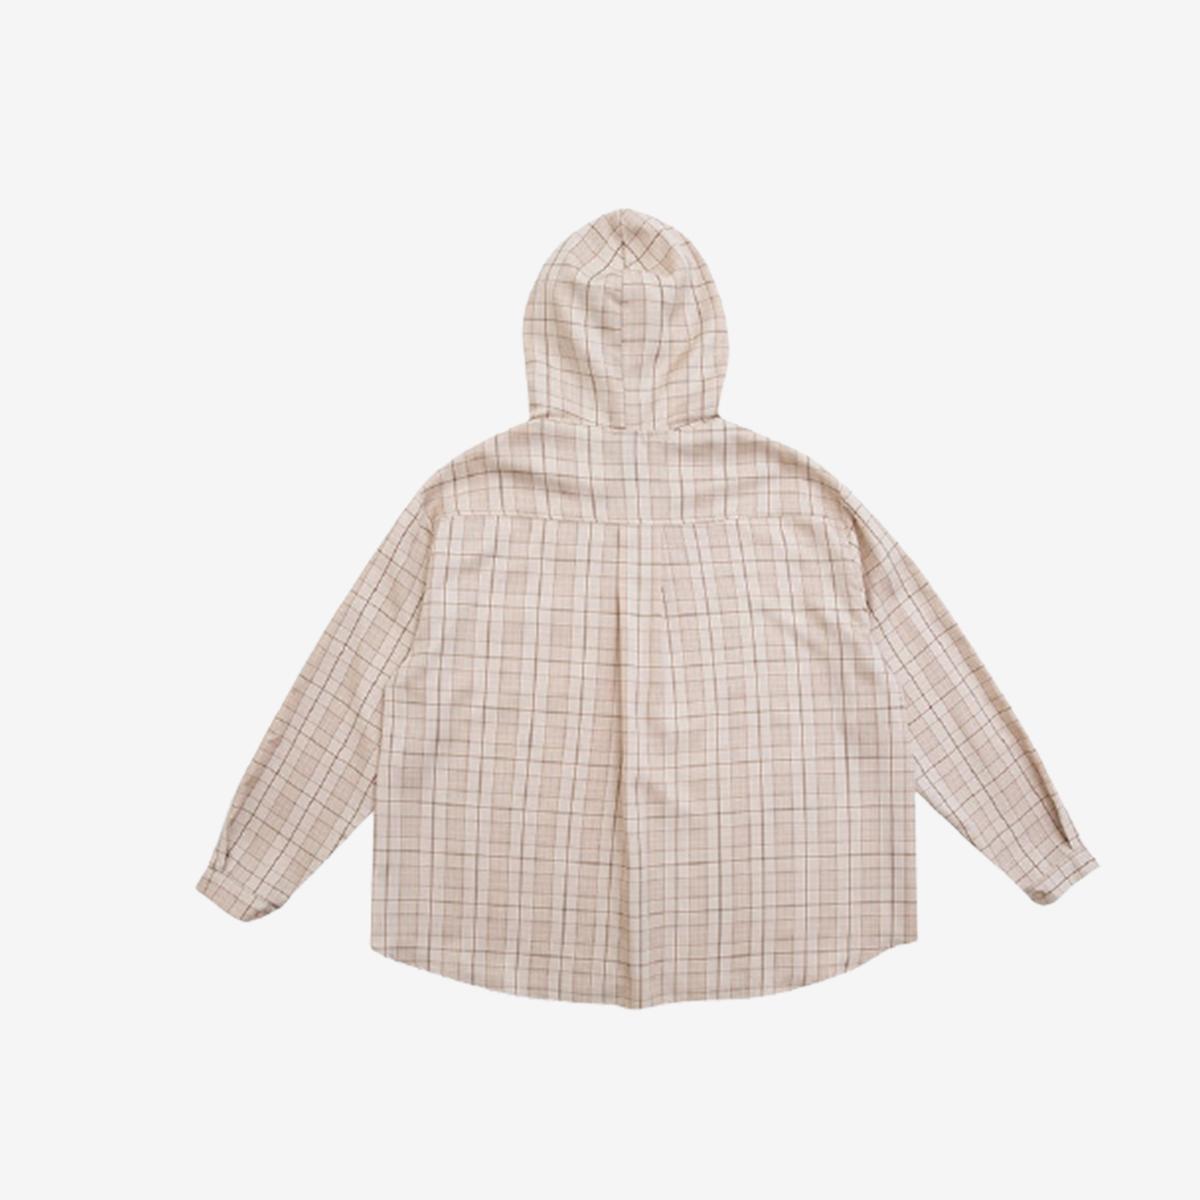 寬鬆連帽格紋襯衫(米色)